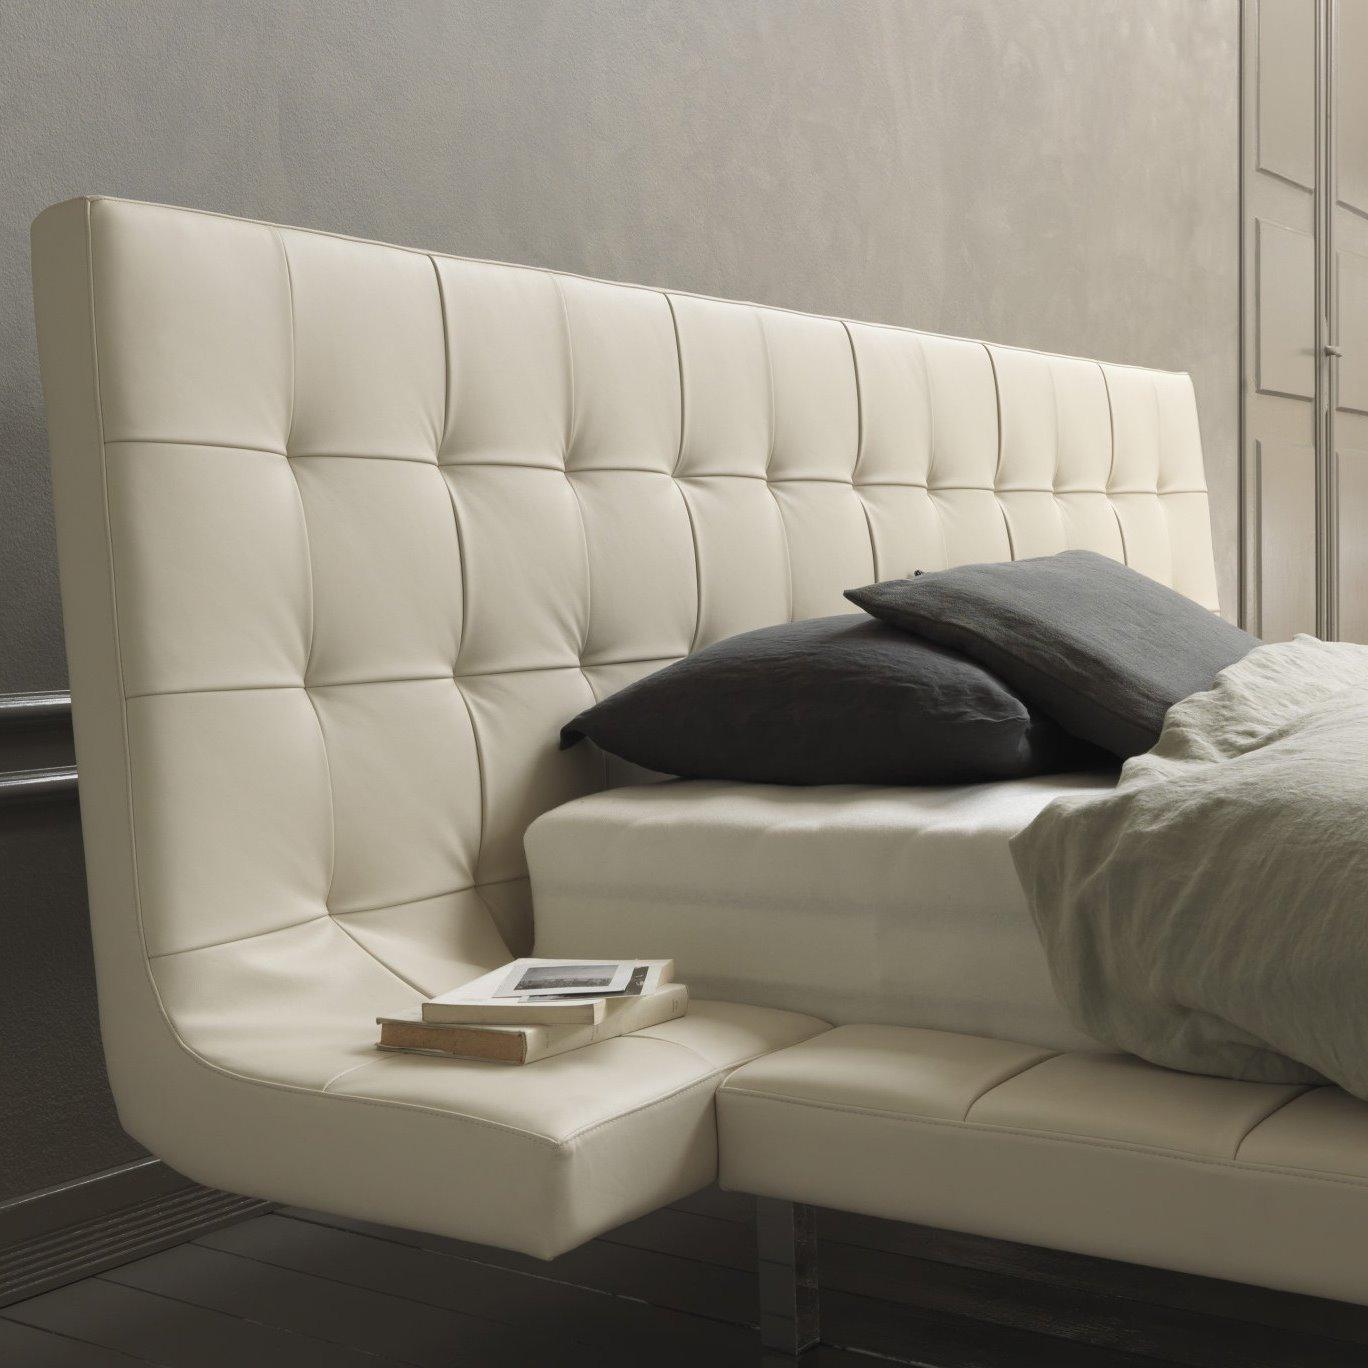 Idee come scegliere i comodini arredaclick - Comodini da camera da letto ...